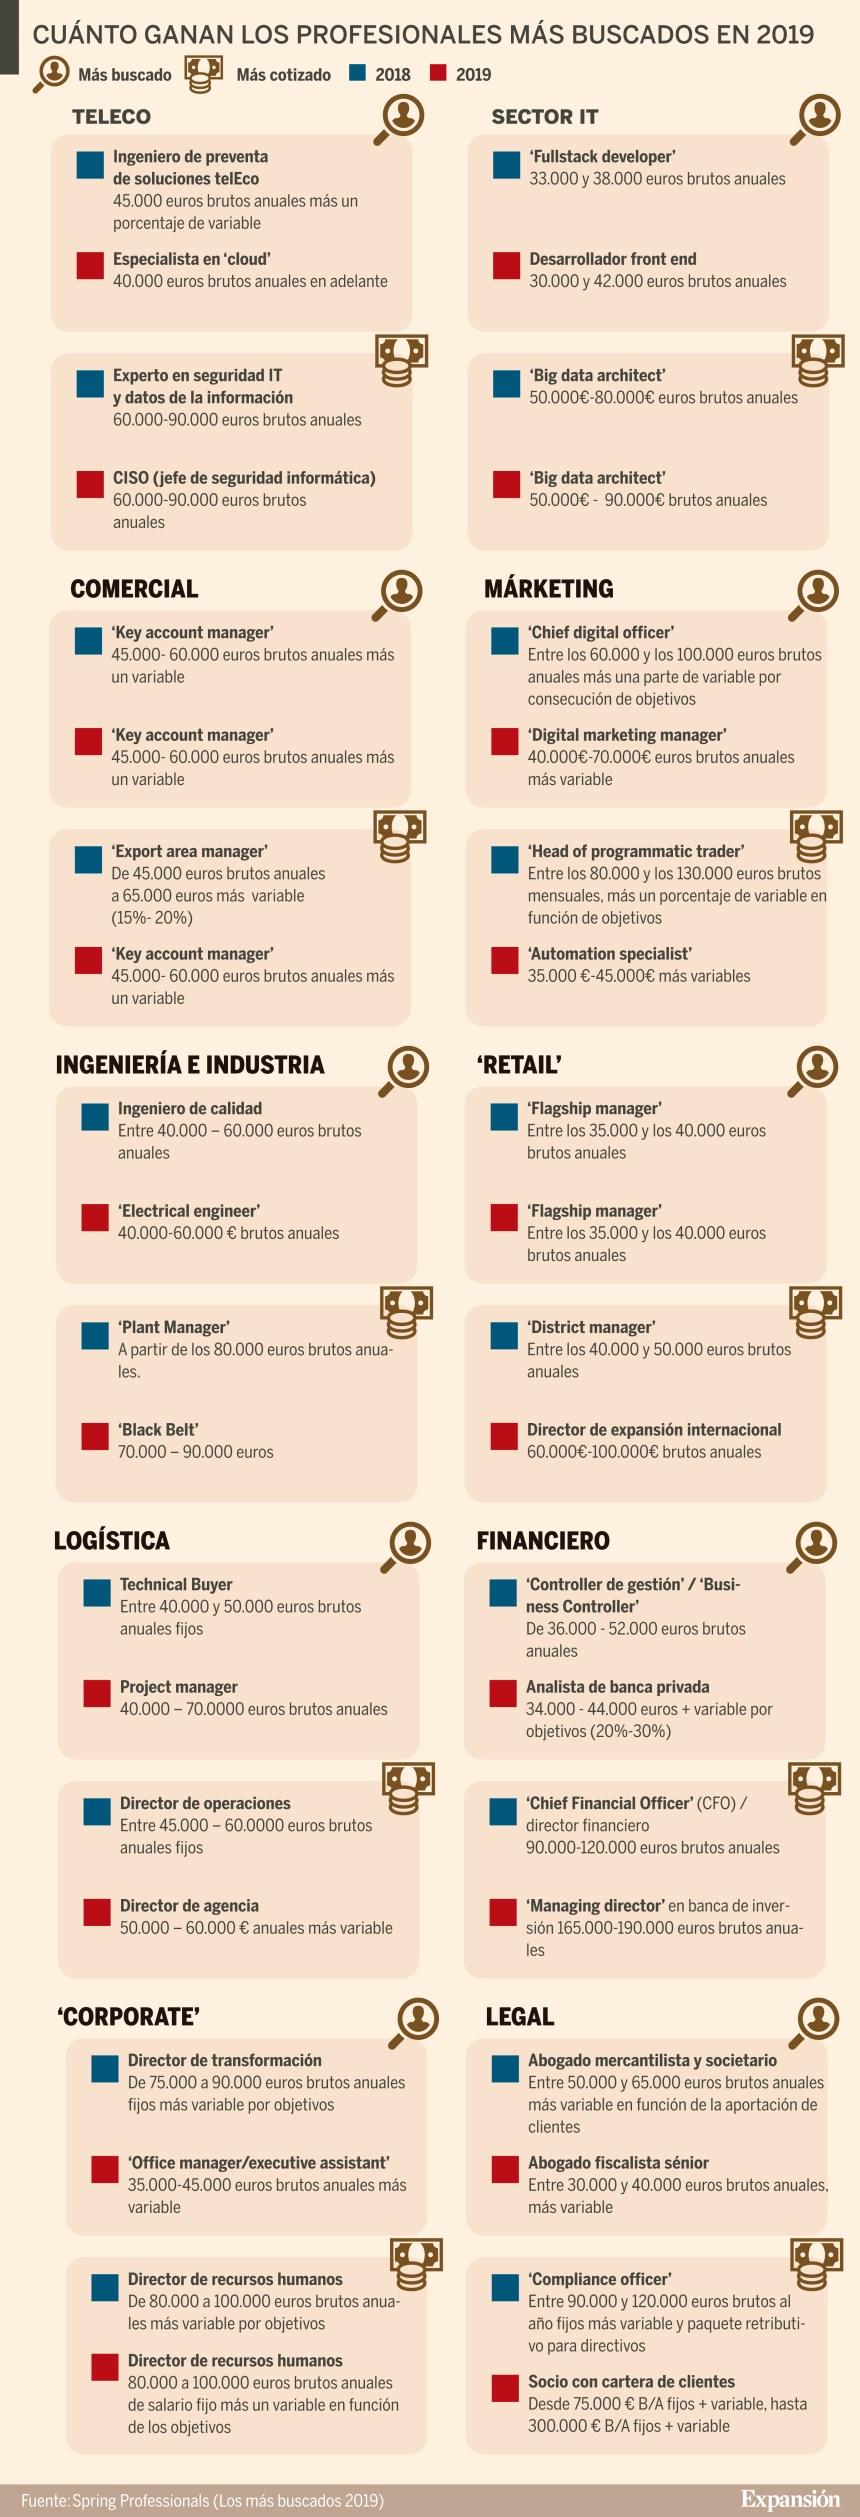 Cuánto ganan los profesionales más buscados #infografia #infographic #rrhh